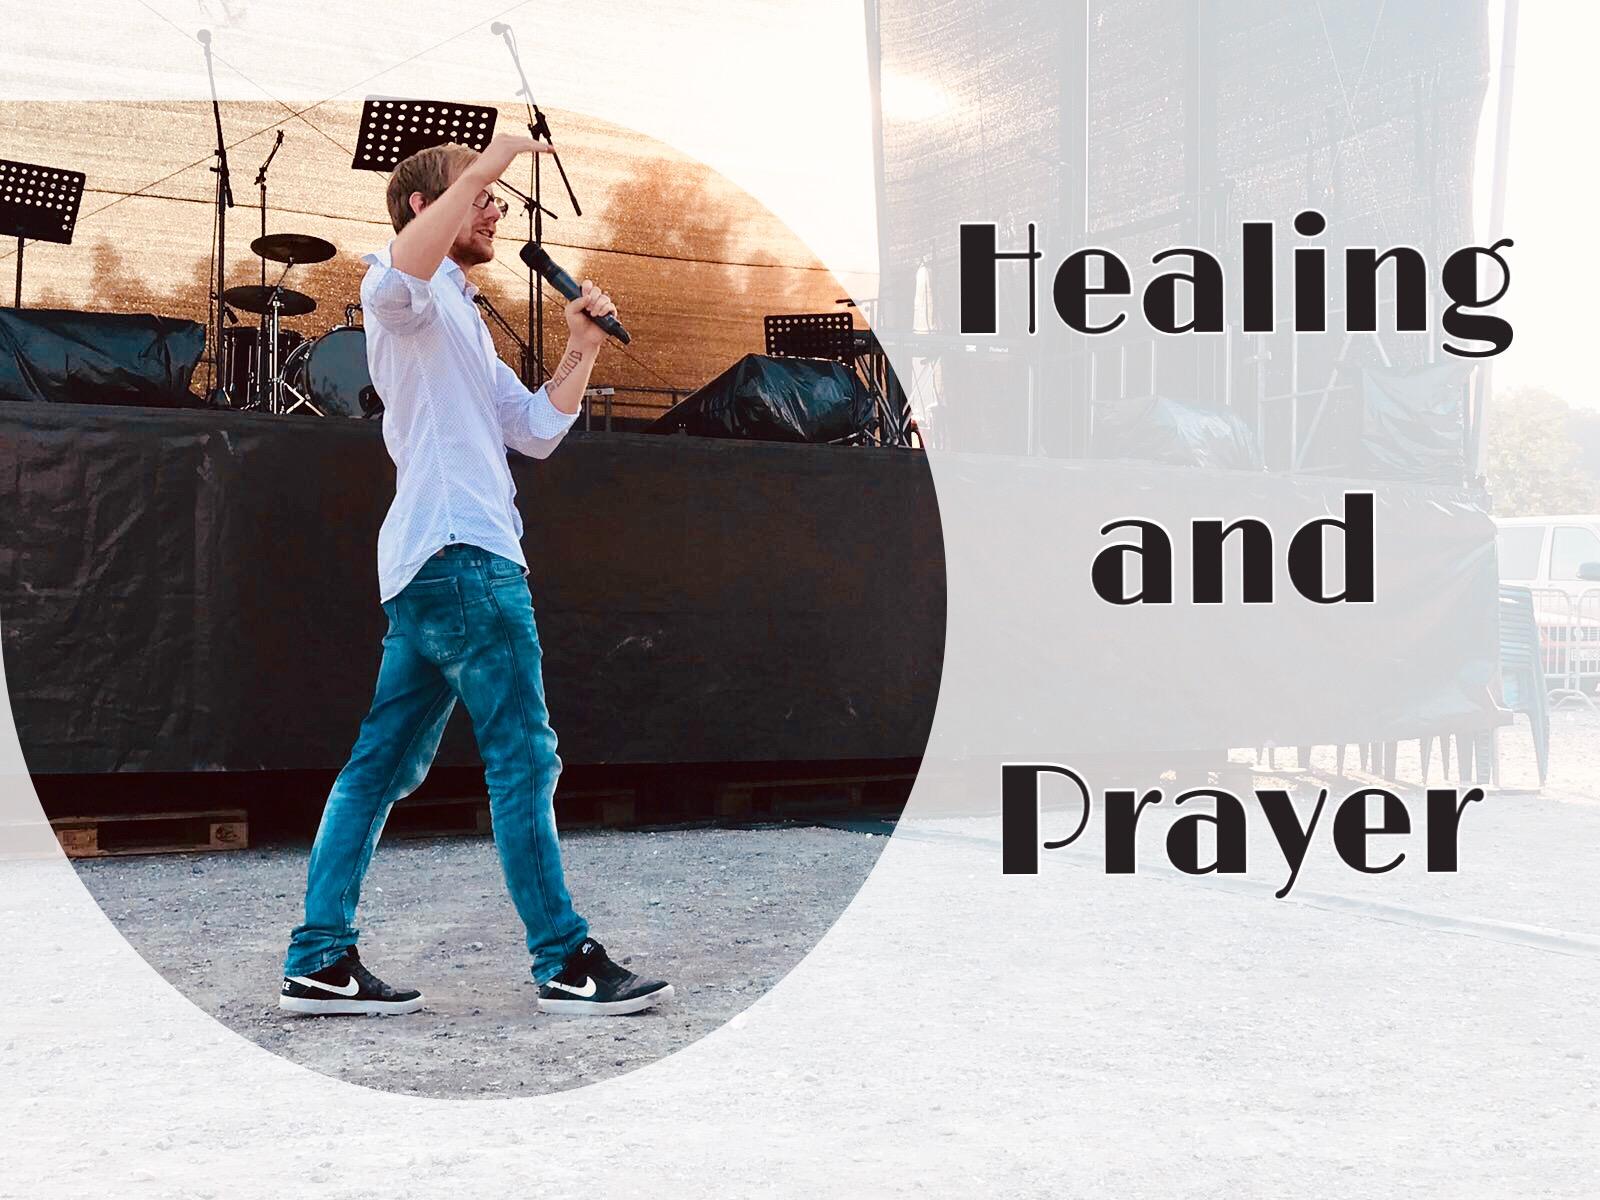 Healing and Prayermeeting